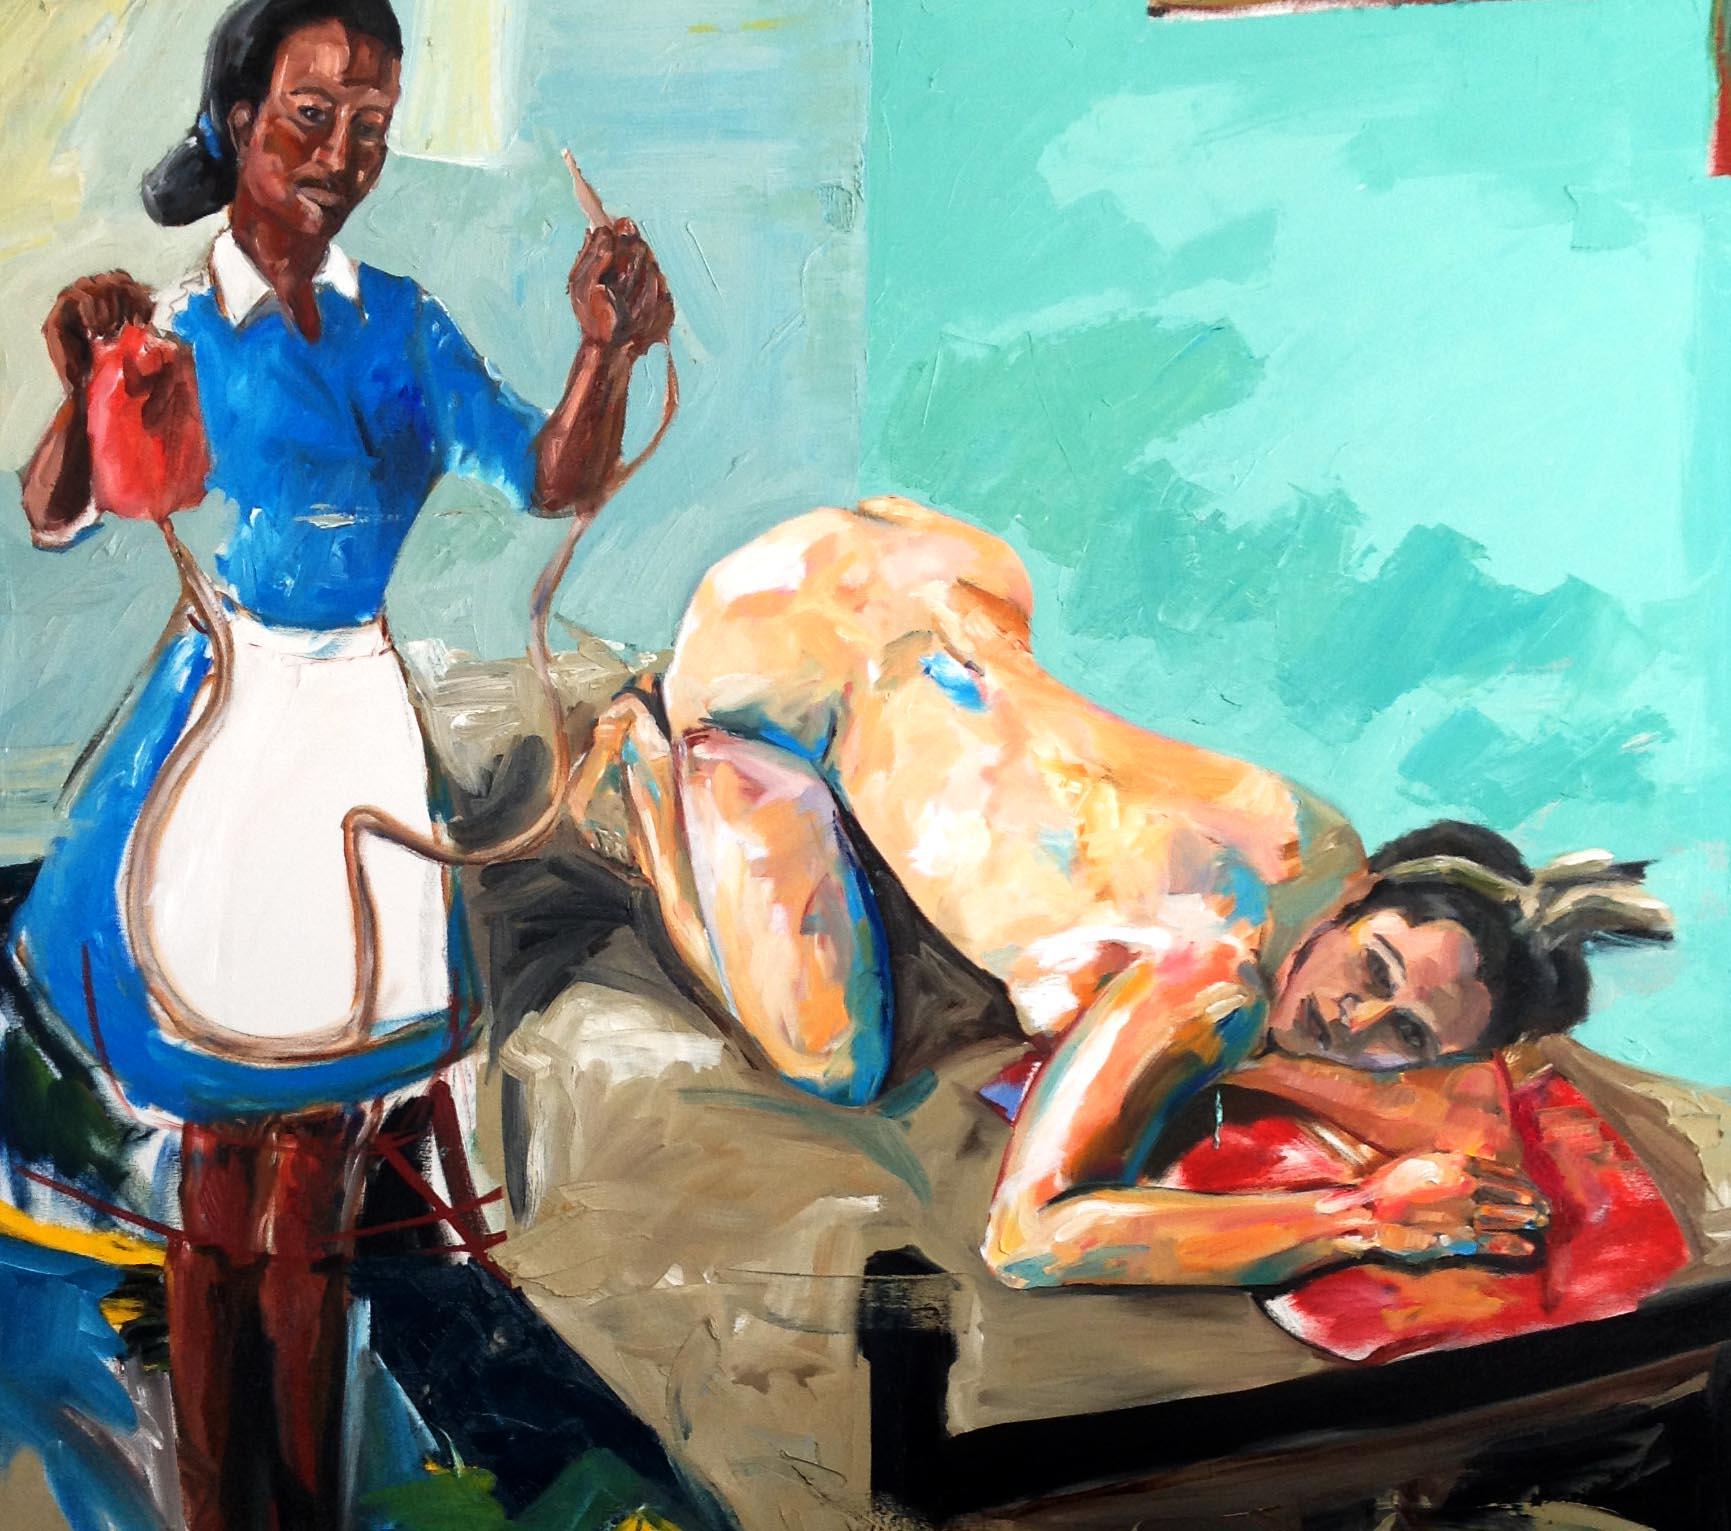 Brazilian Maids: Colon Cleanser (Empregadas Brasileiras: Limpadora de Cólon)